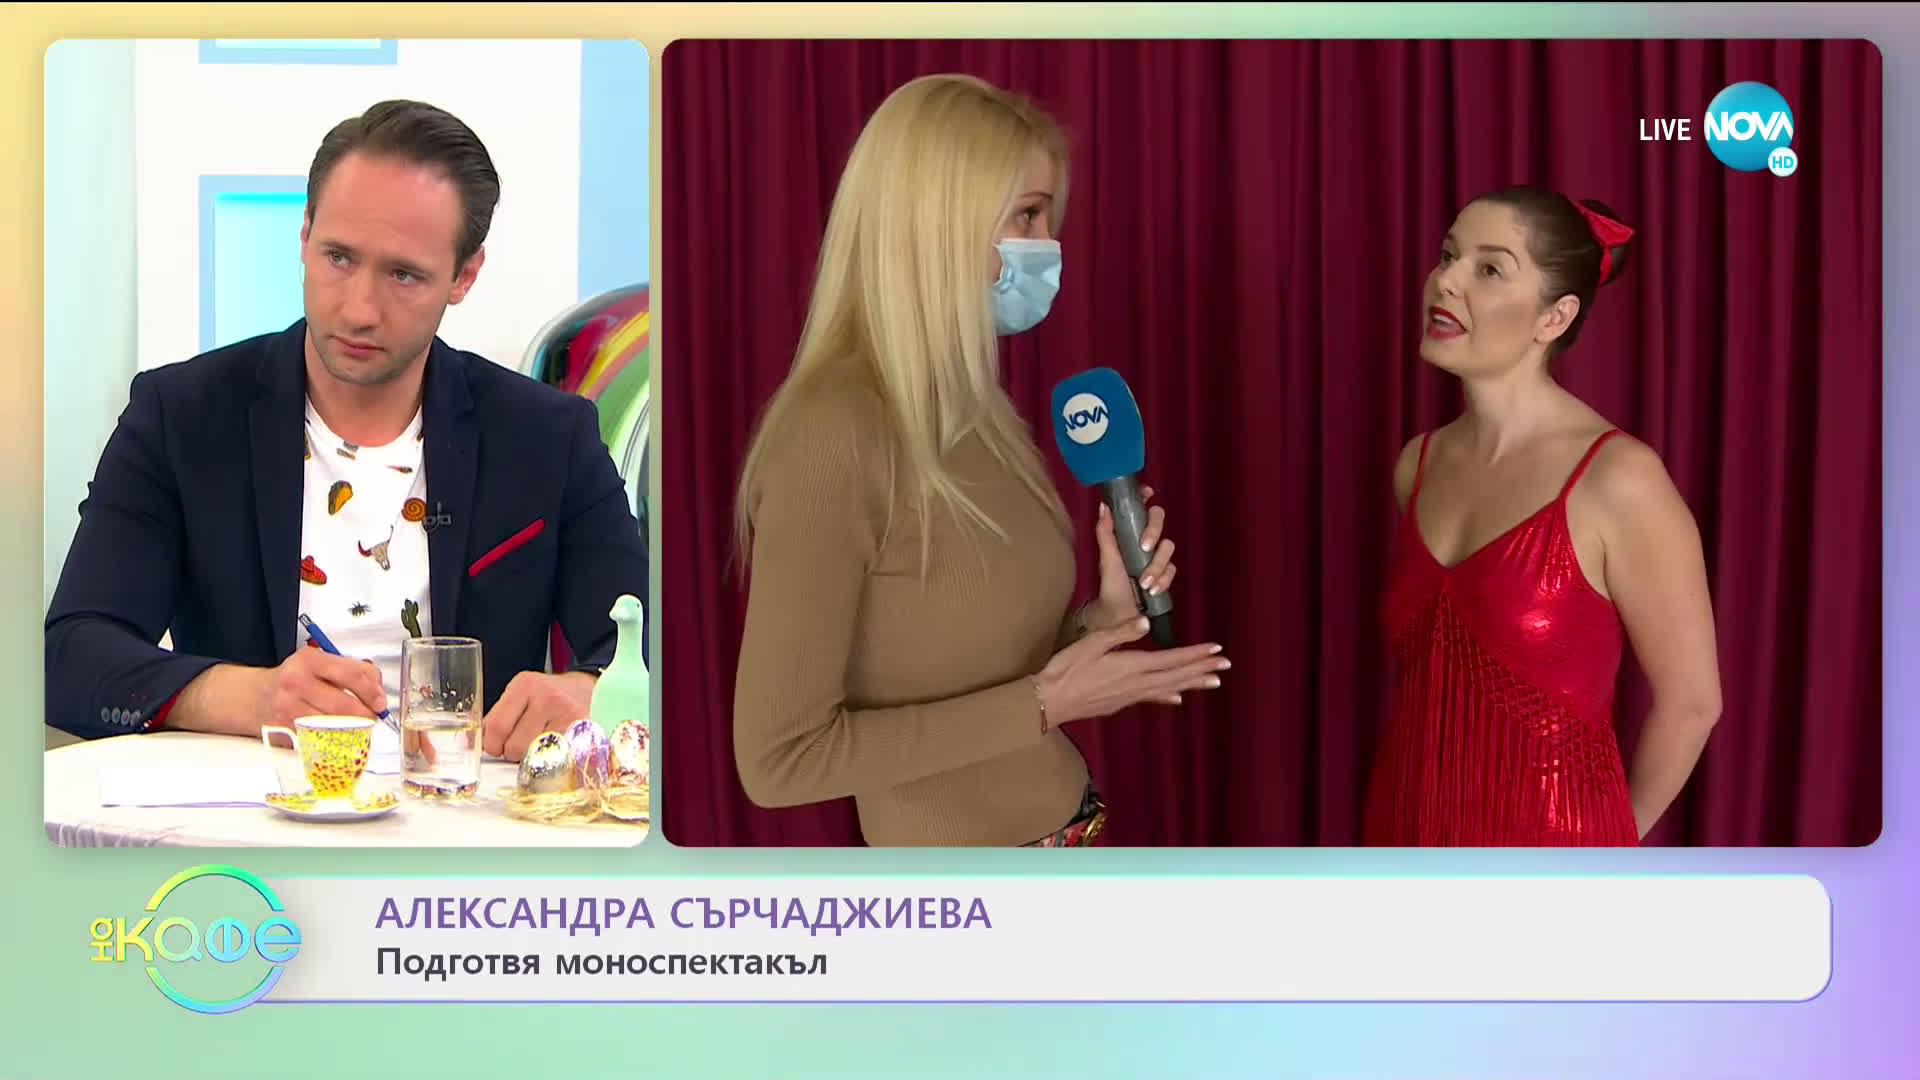 Александра Сърчаджиева подготвя моноспектакъл - На кафе (26.04.2021)